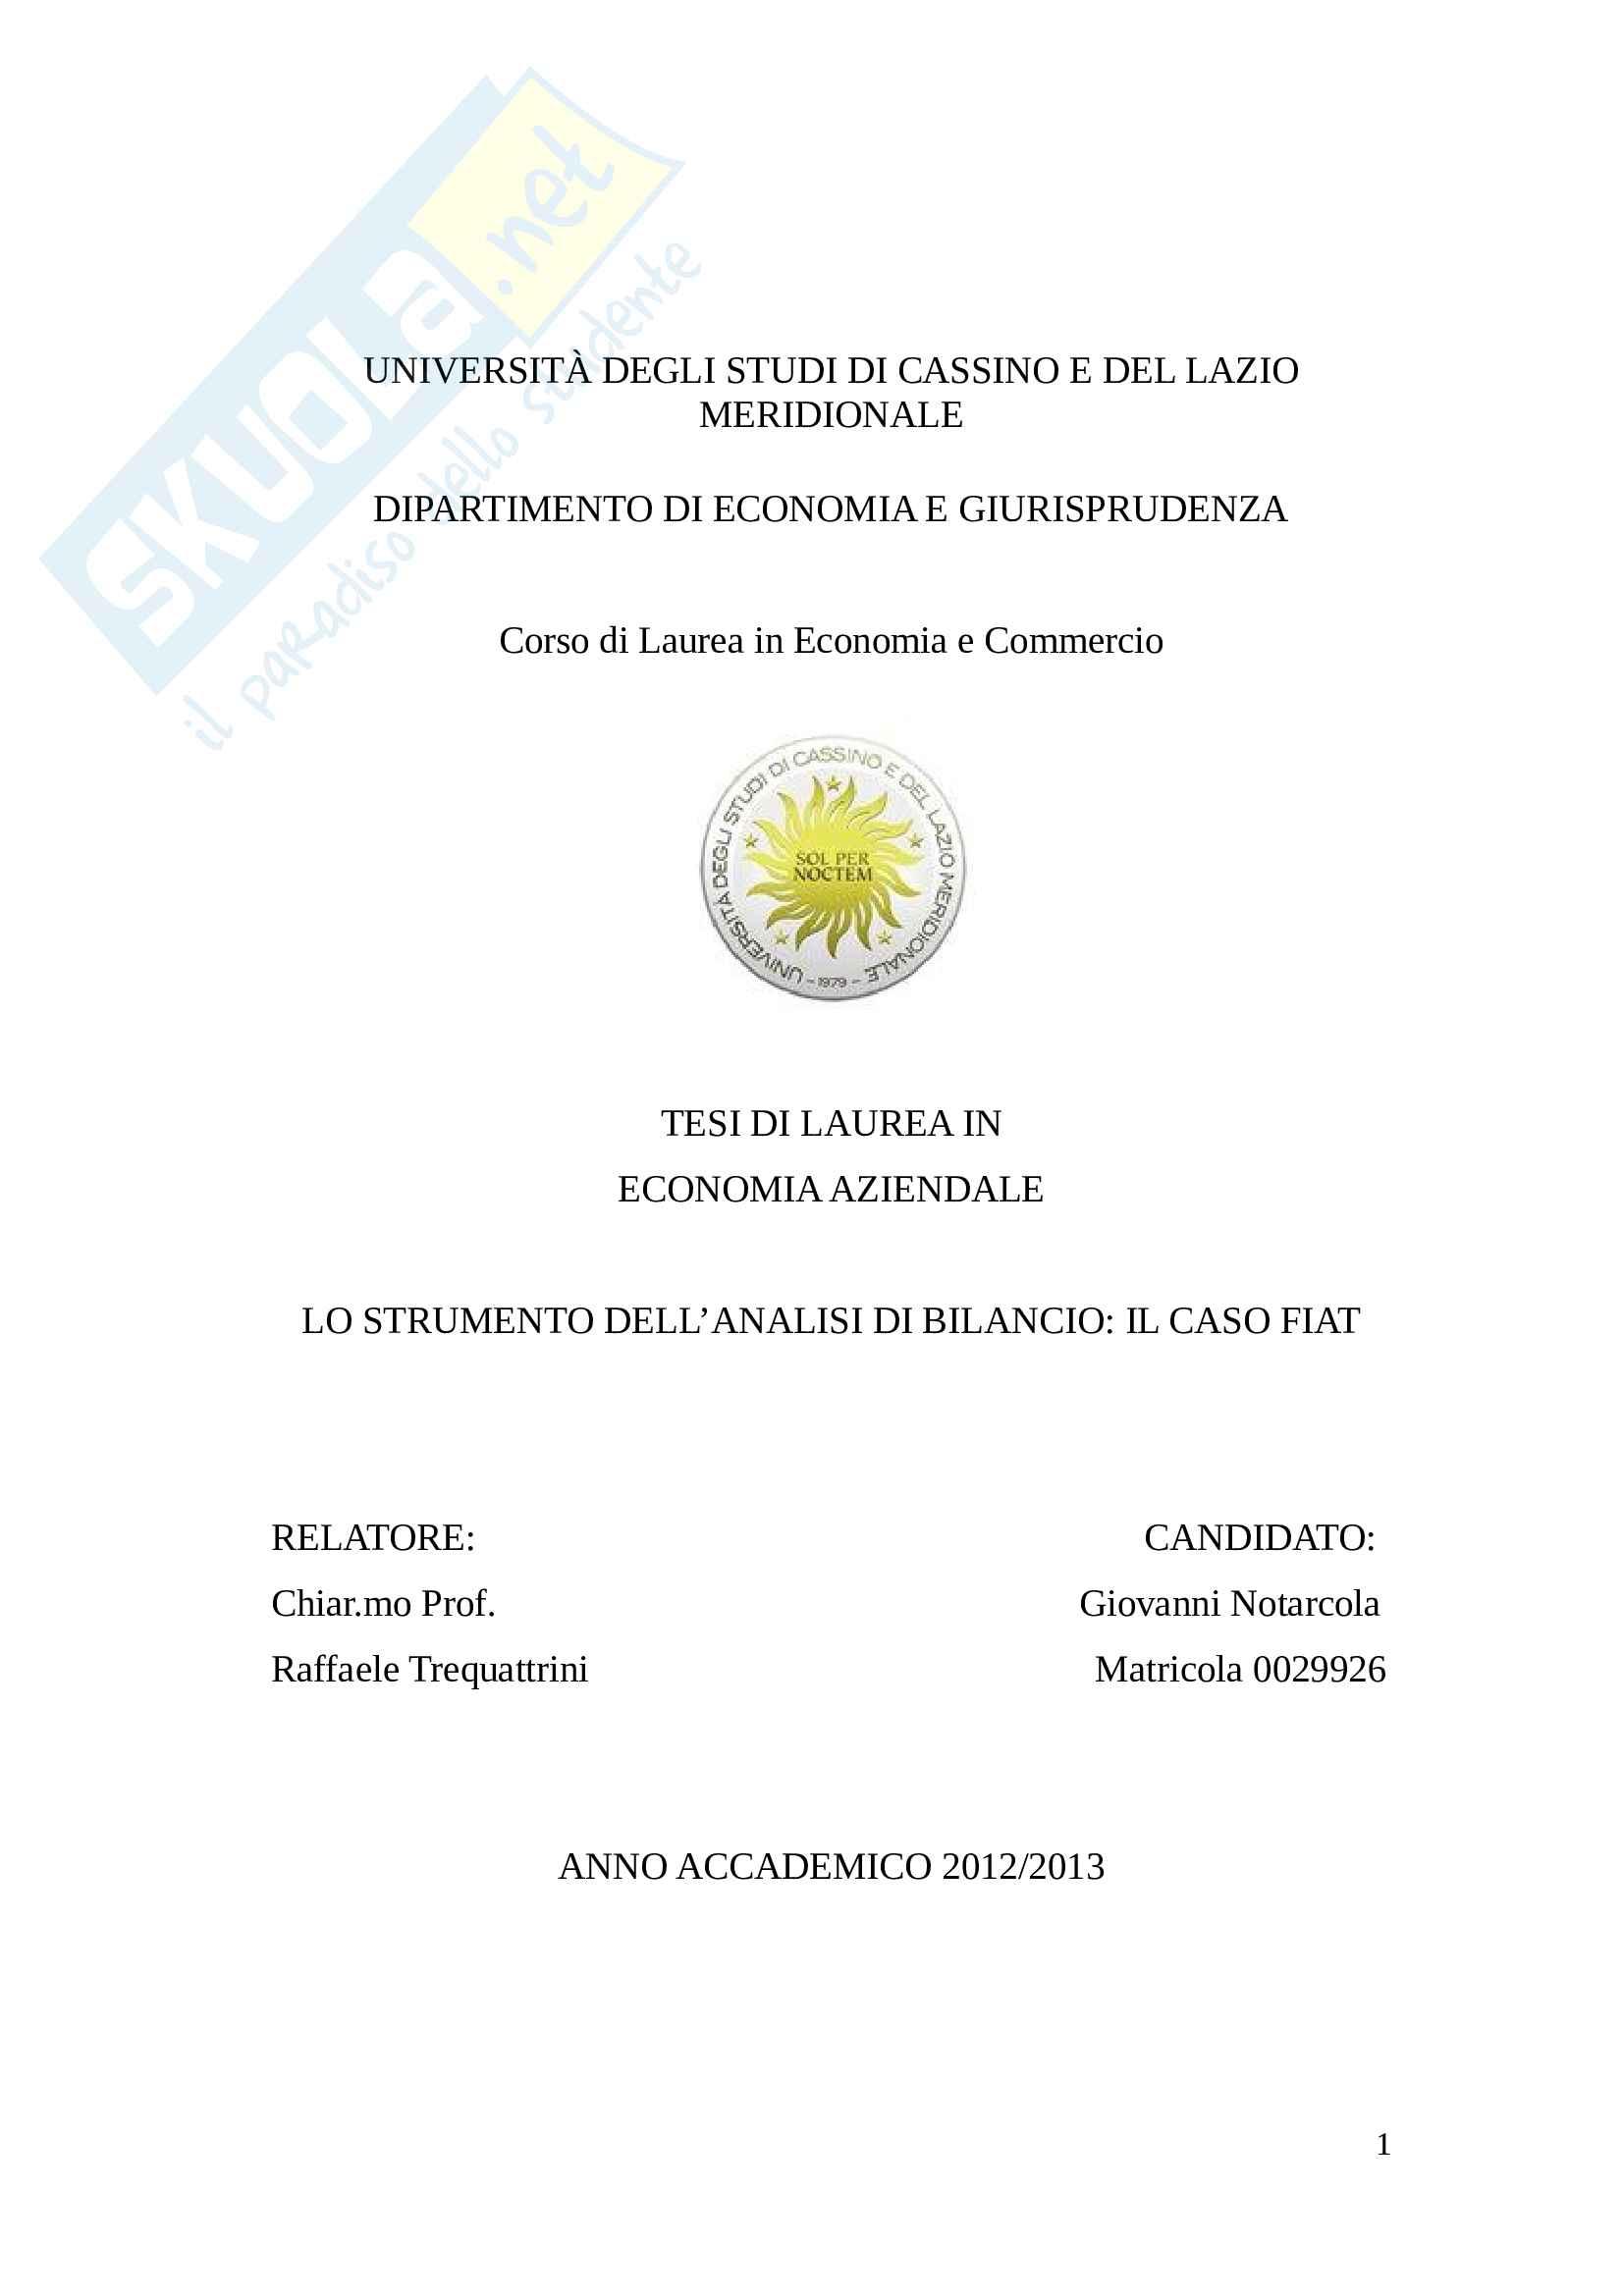 Tesi - Lo strumento dell'analisi di bilancio: il caso Fiat